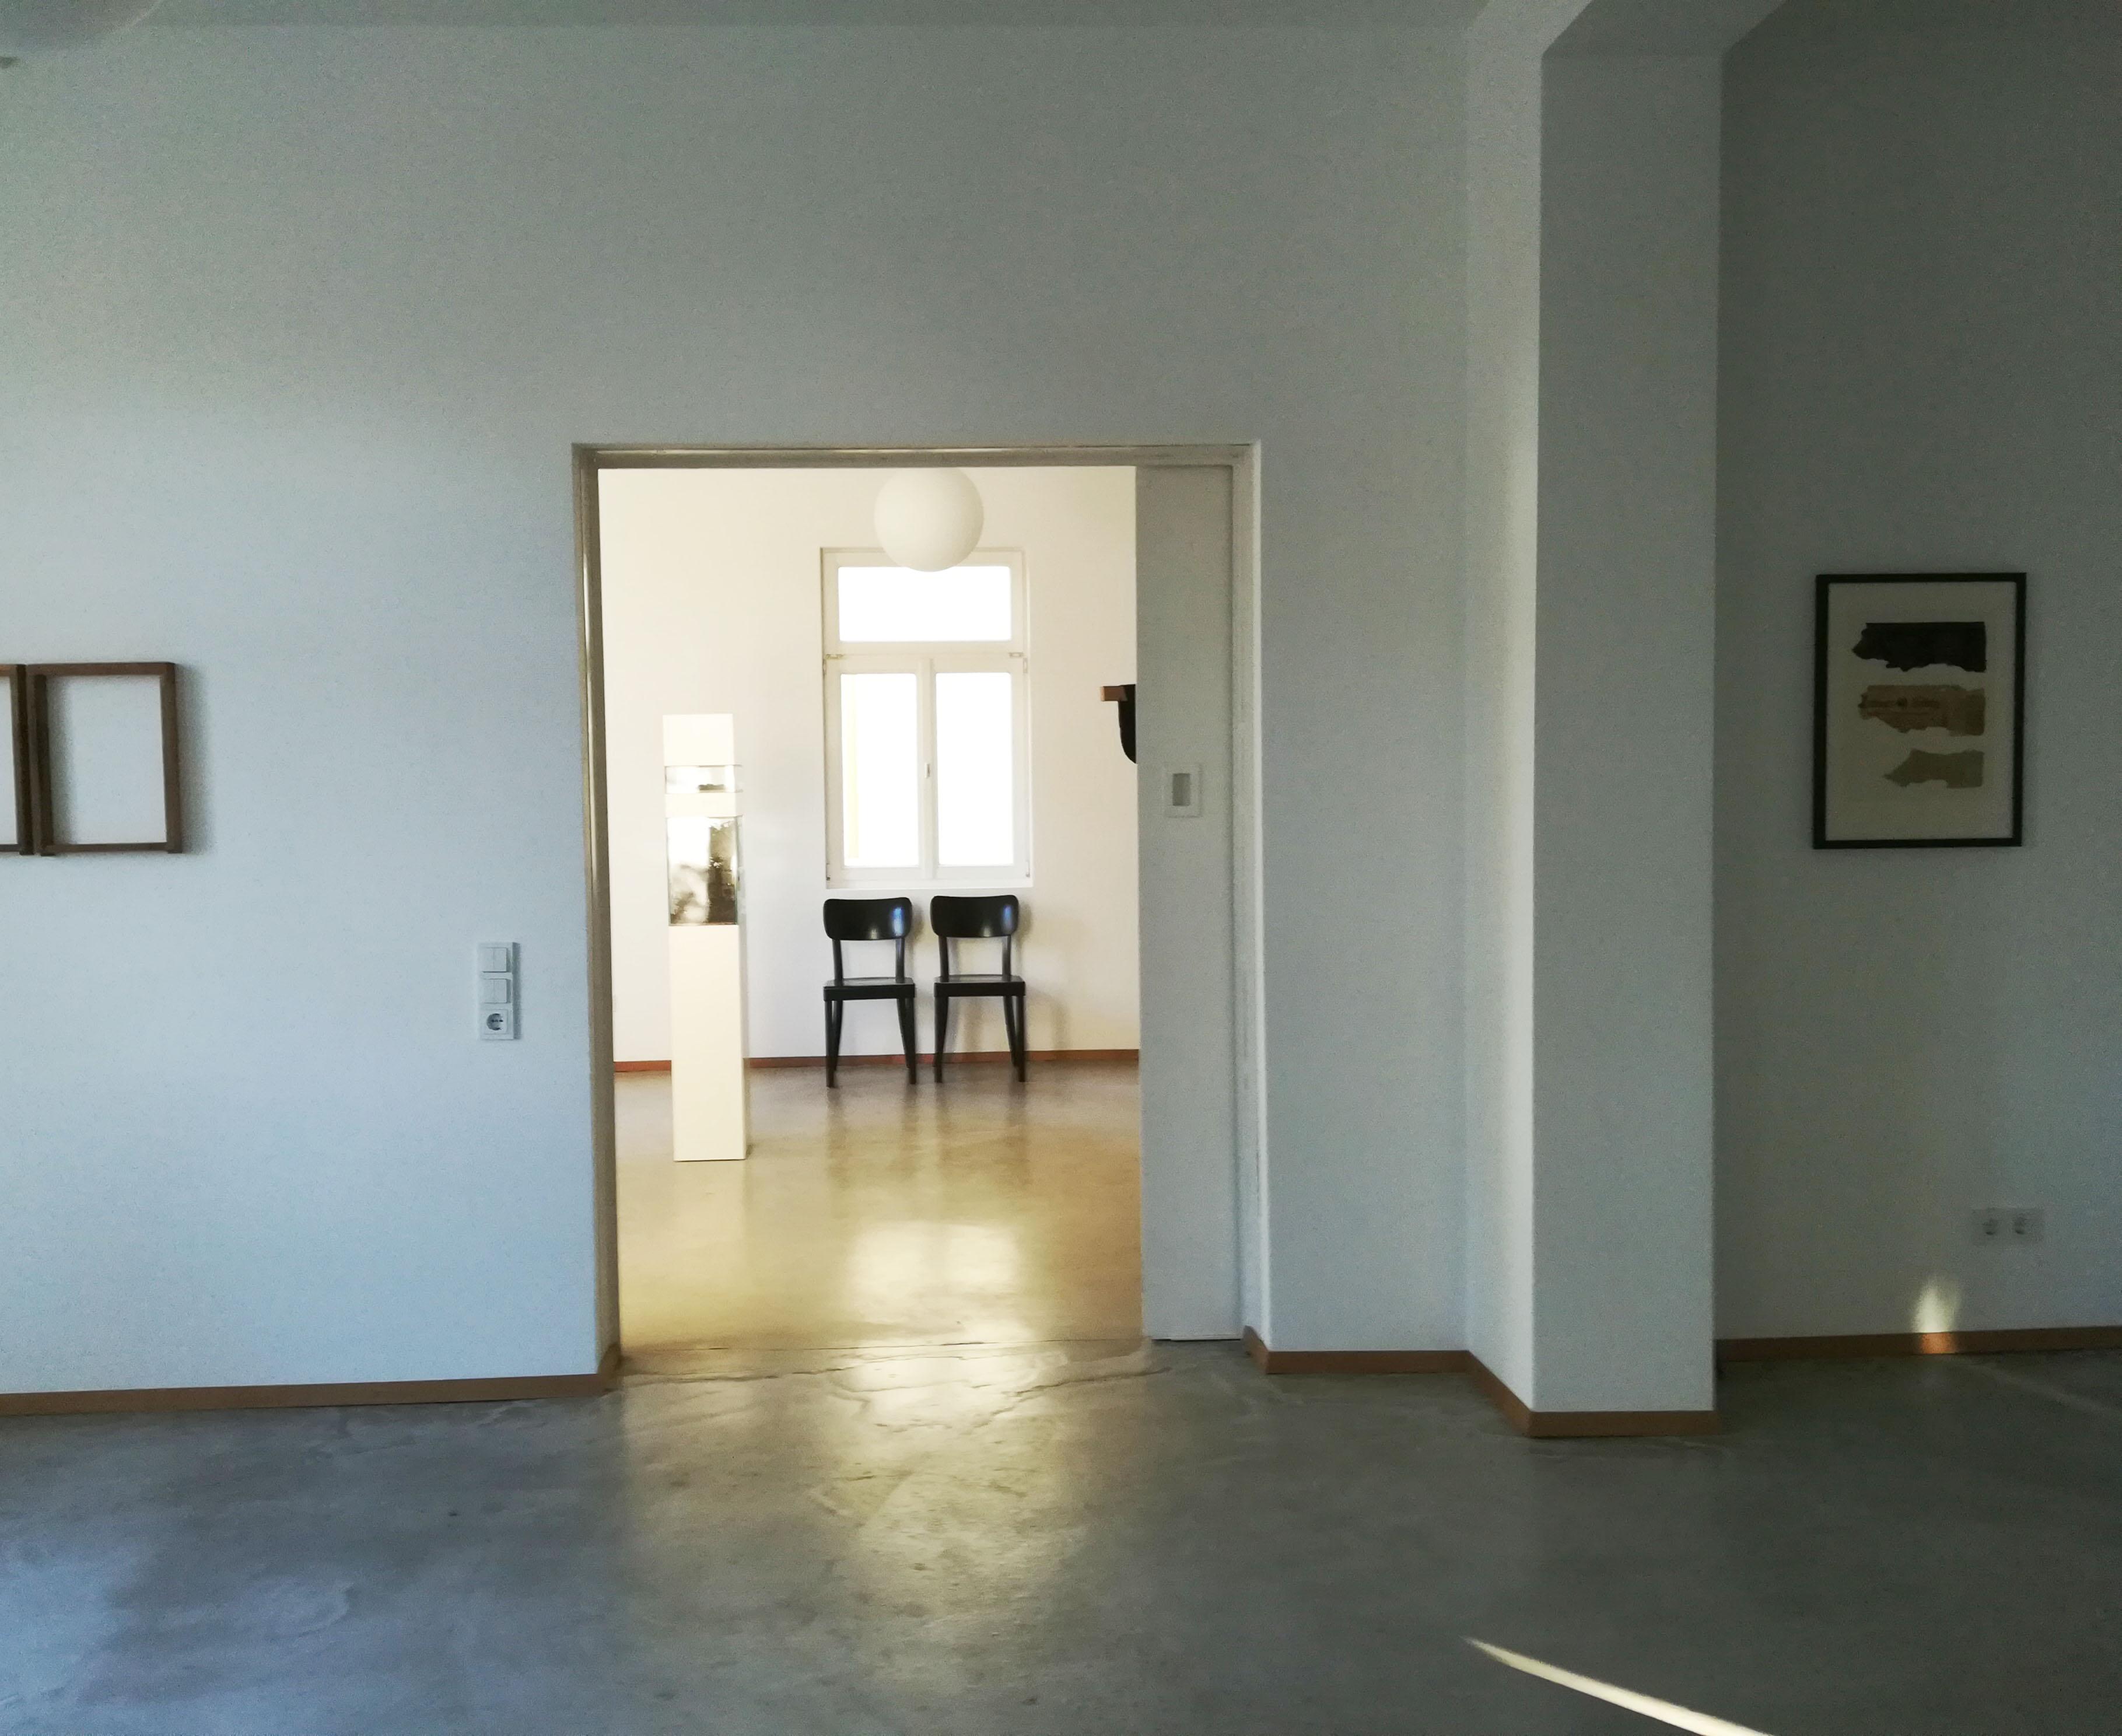 Kleiner Ausstellungsraum, trennbar